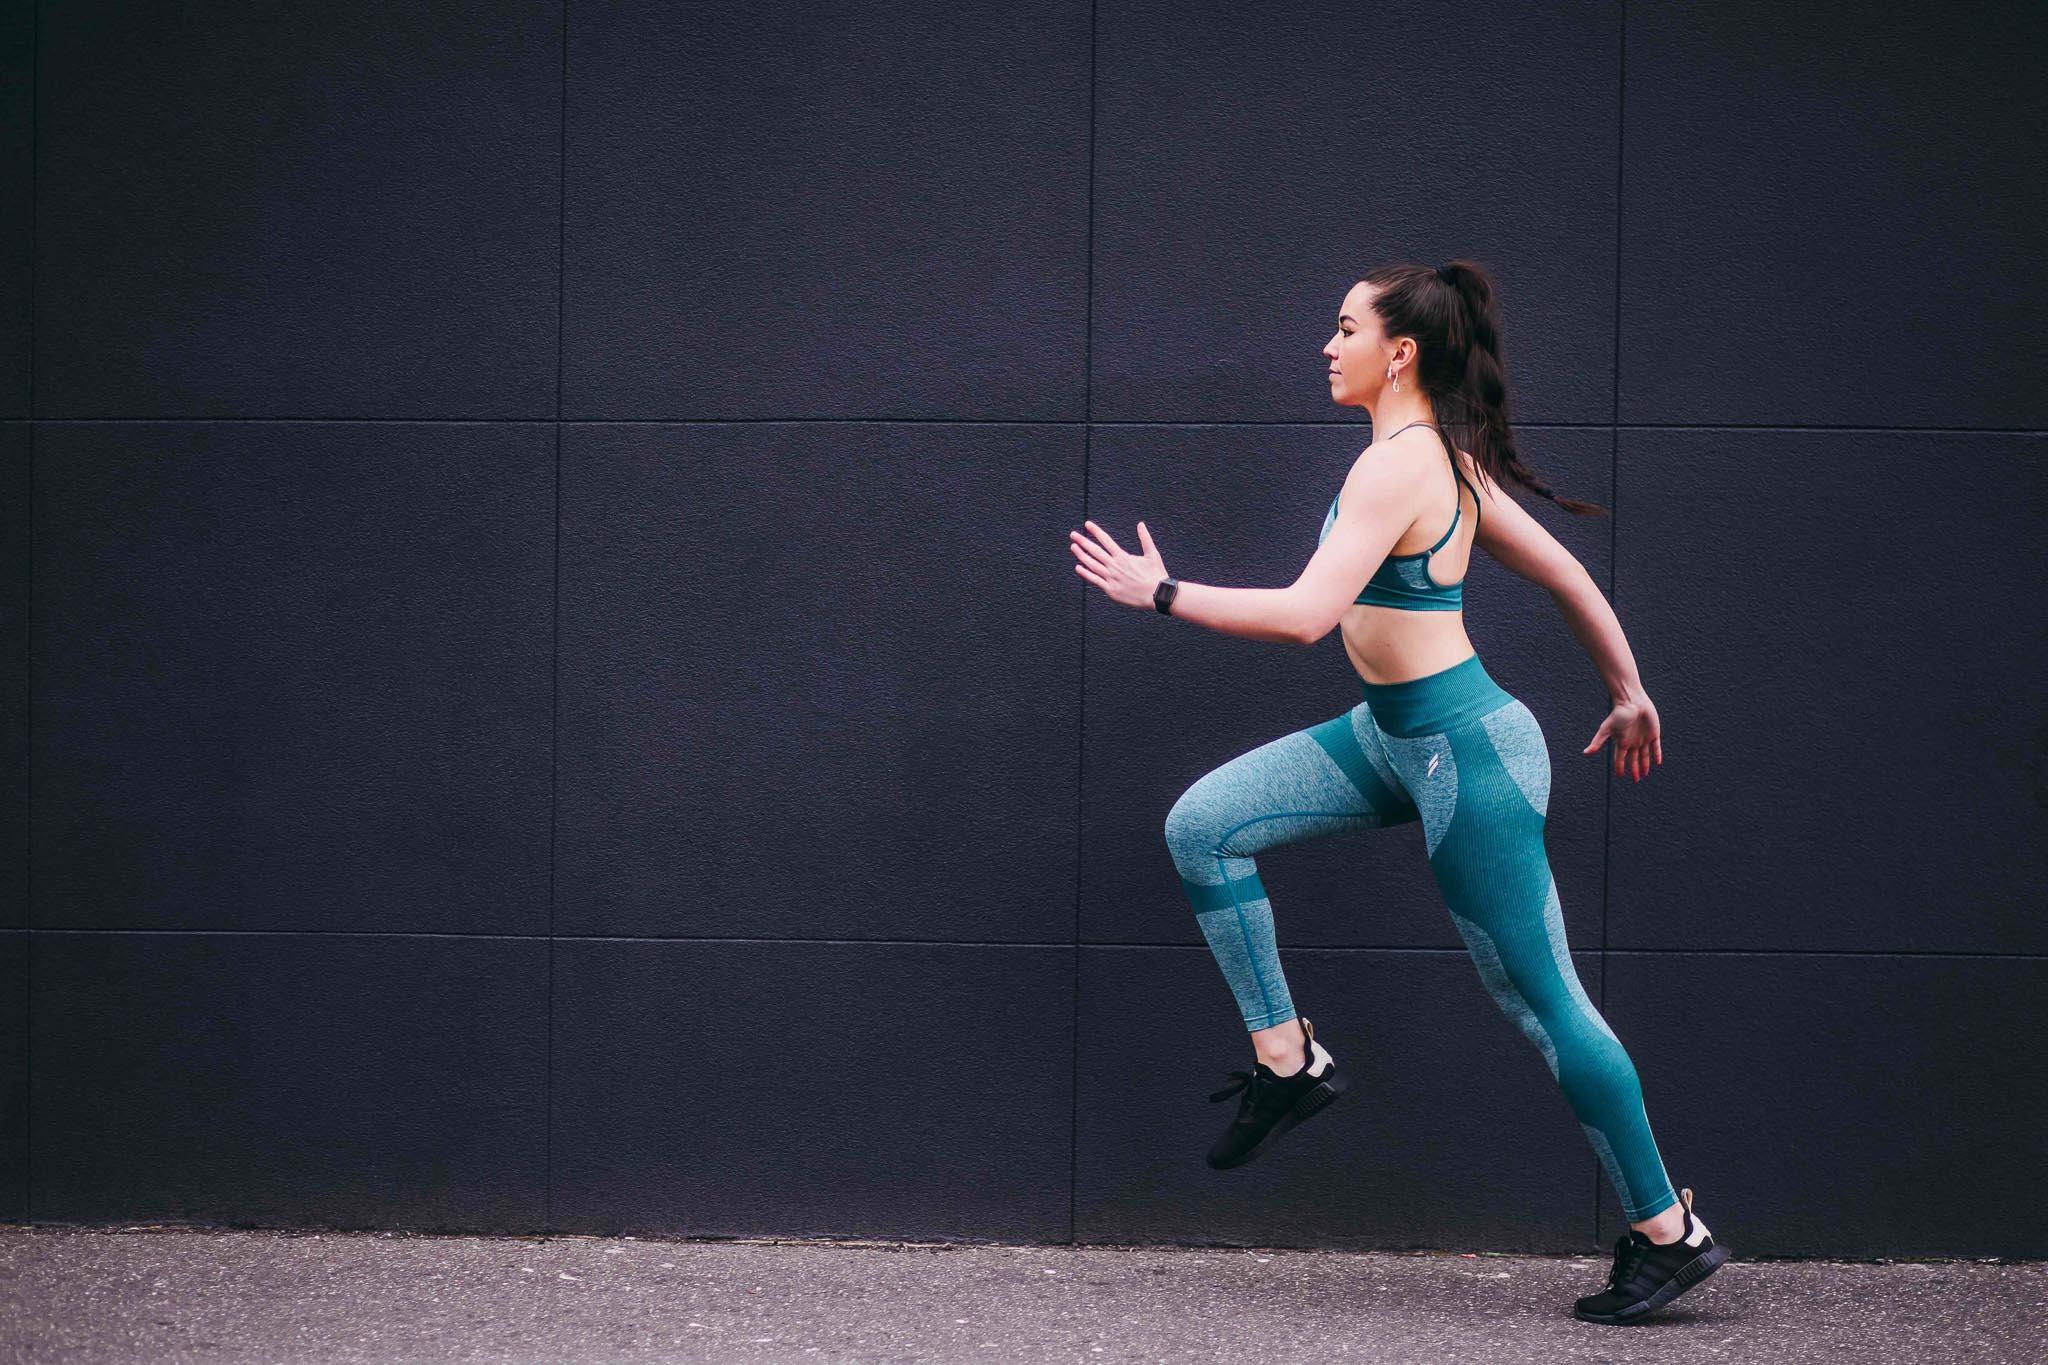 2020/06/Deborah female fitness model running